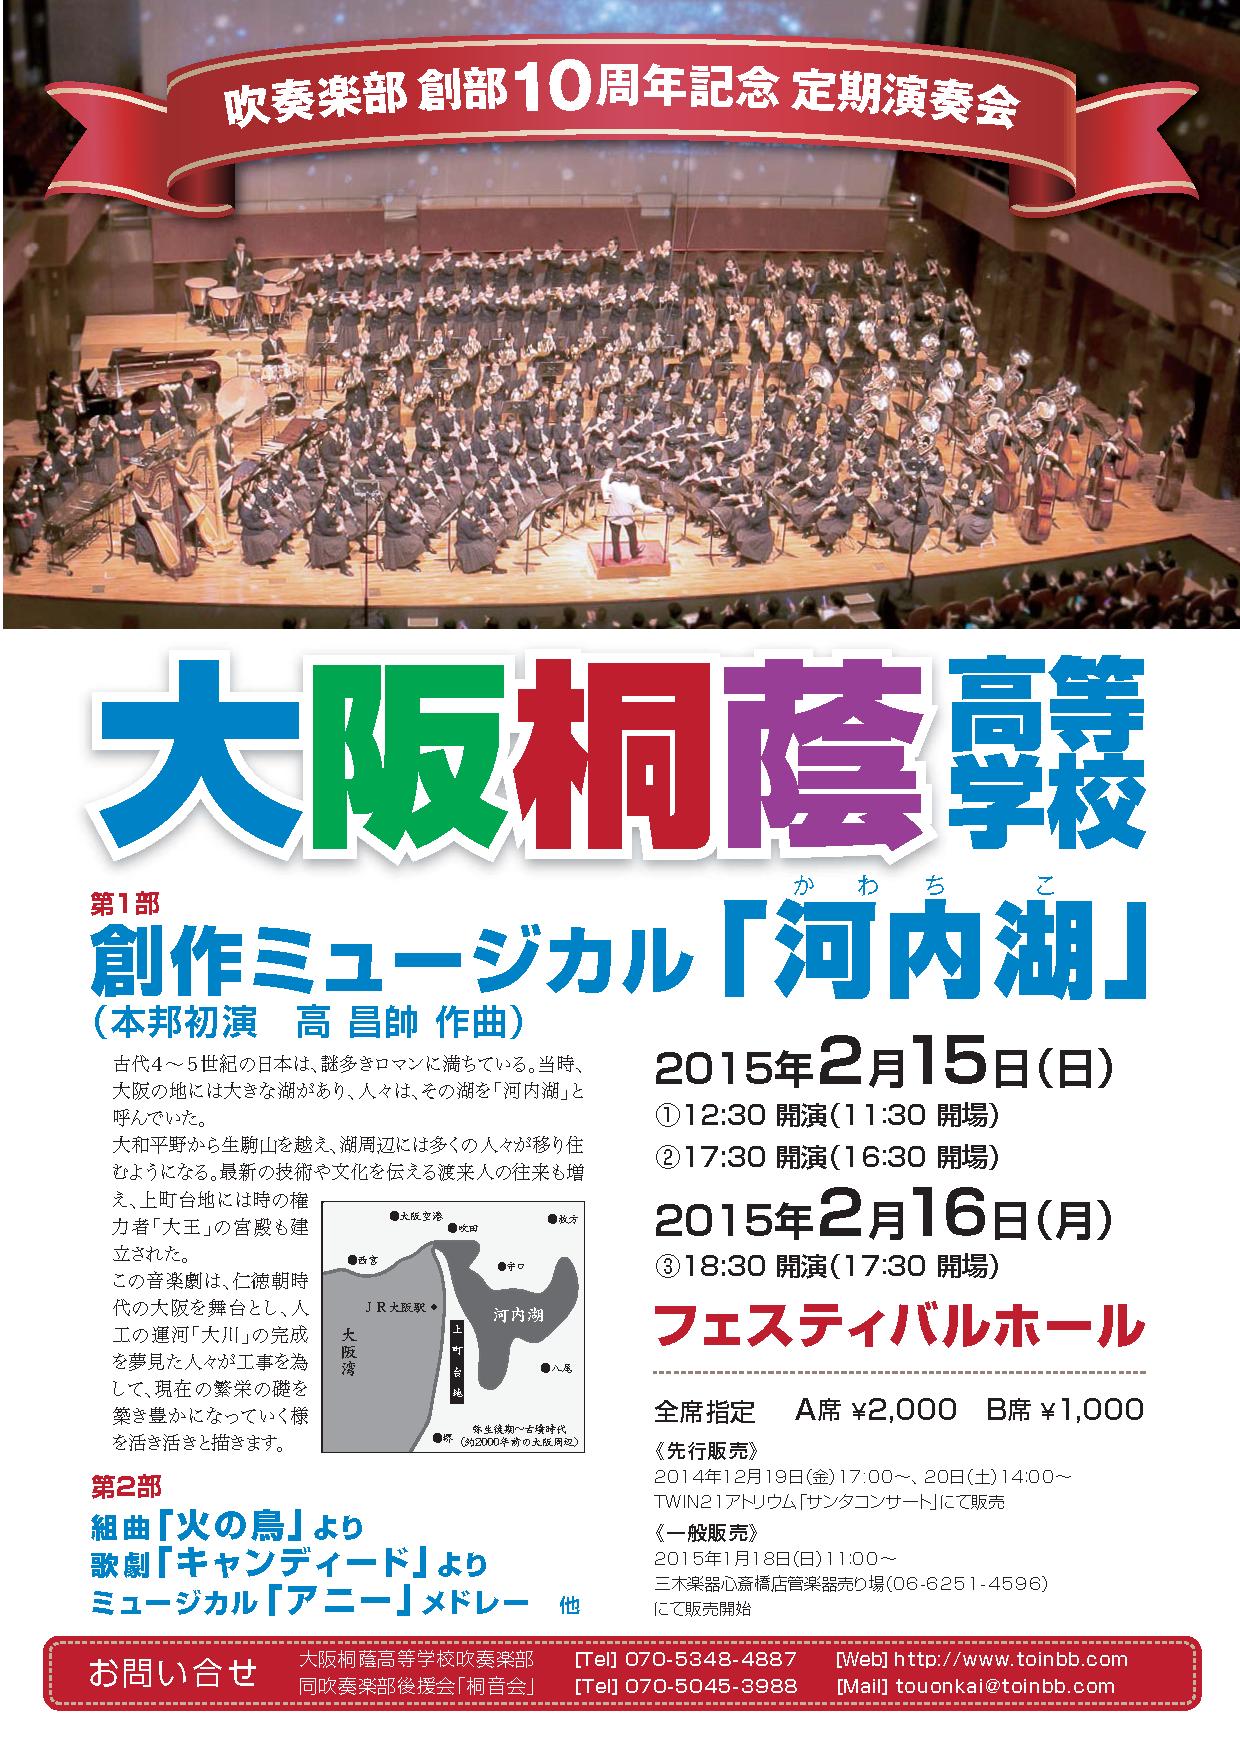 大阪桐蔭高校吹奏楽部第10回定期演奏会